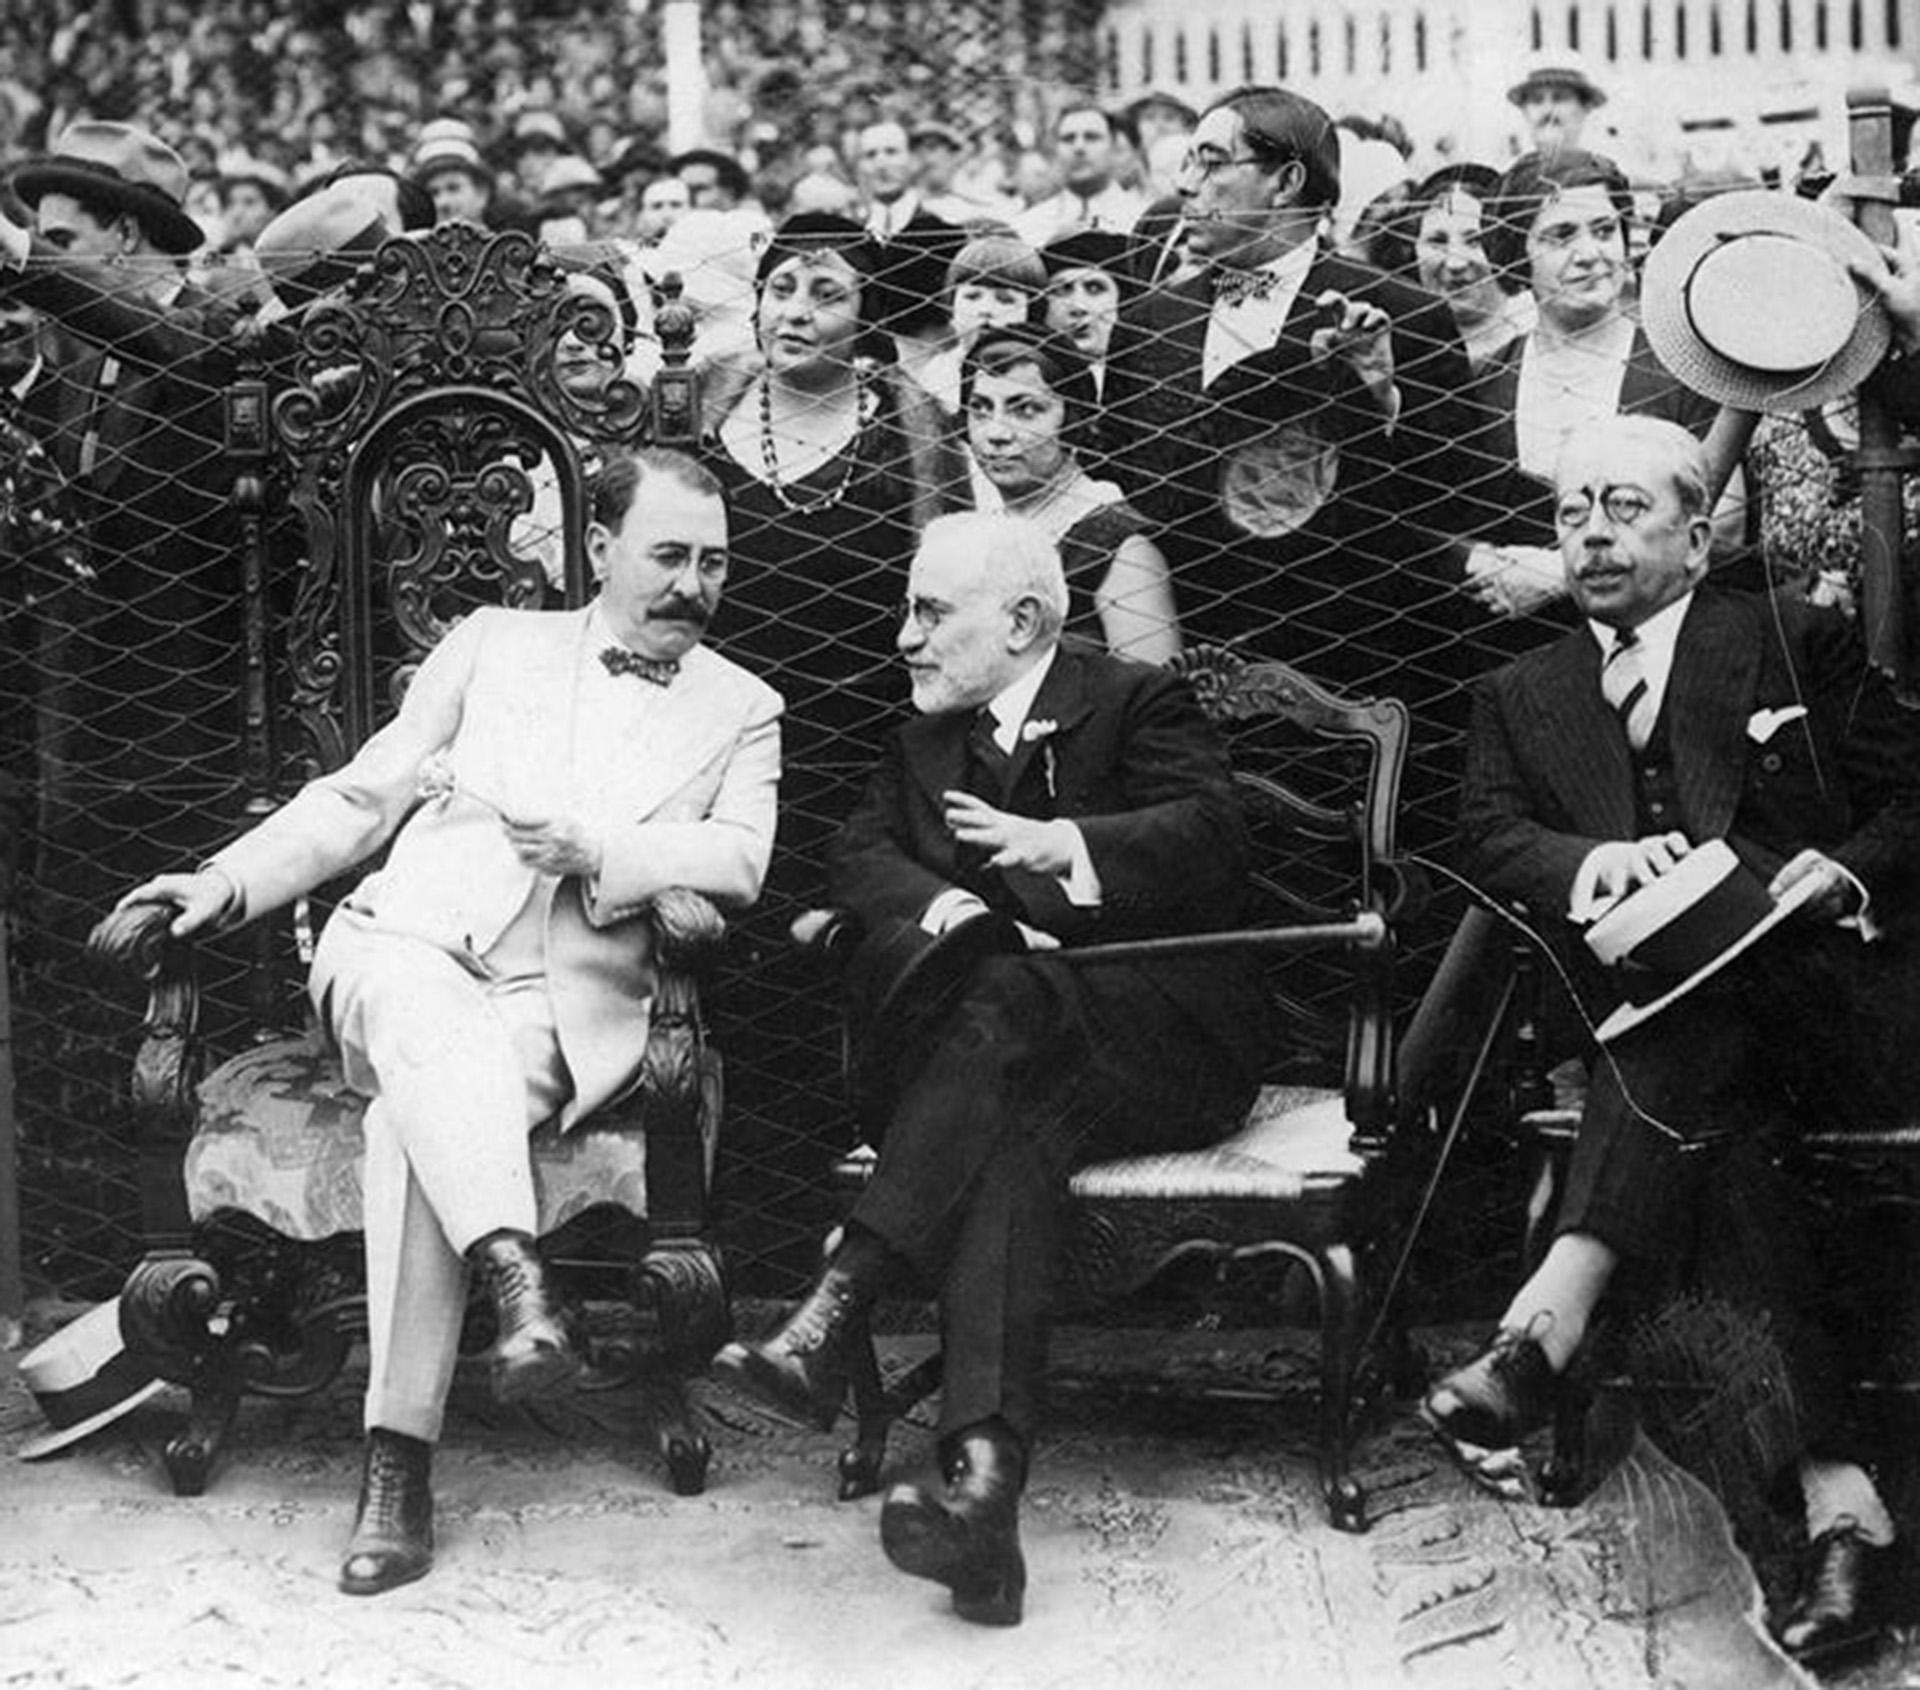 Uriburu y Lisandro de la Torre con Lugones en la cancha de Newll's Old Boys frente a Union. en 1931